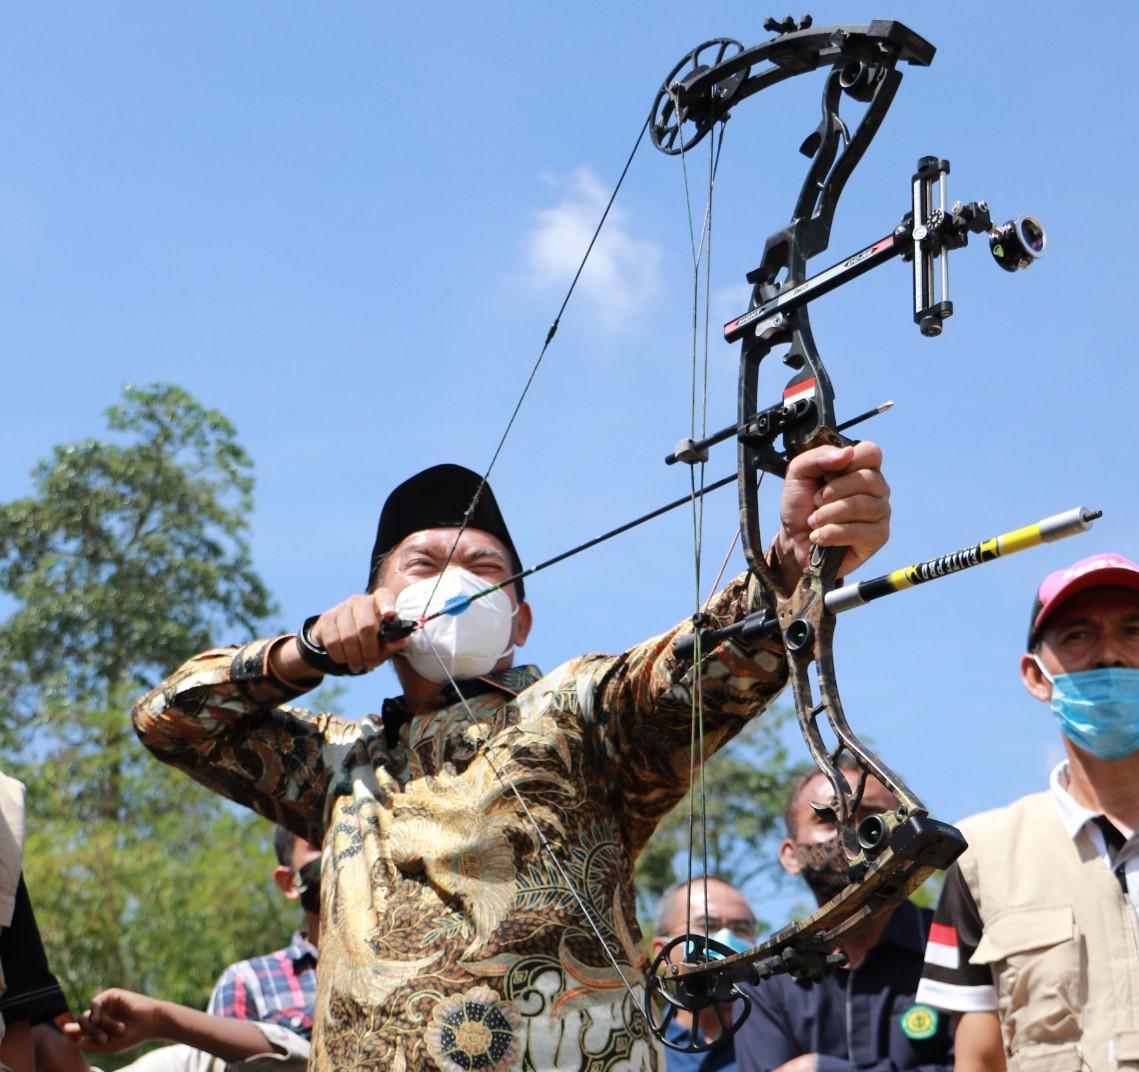 Wali Kota Apresiasi Perkembangan Olahraga Panahan di Pekanbaru